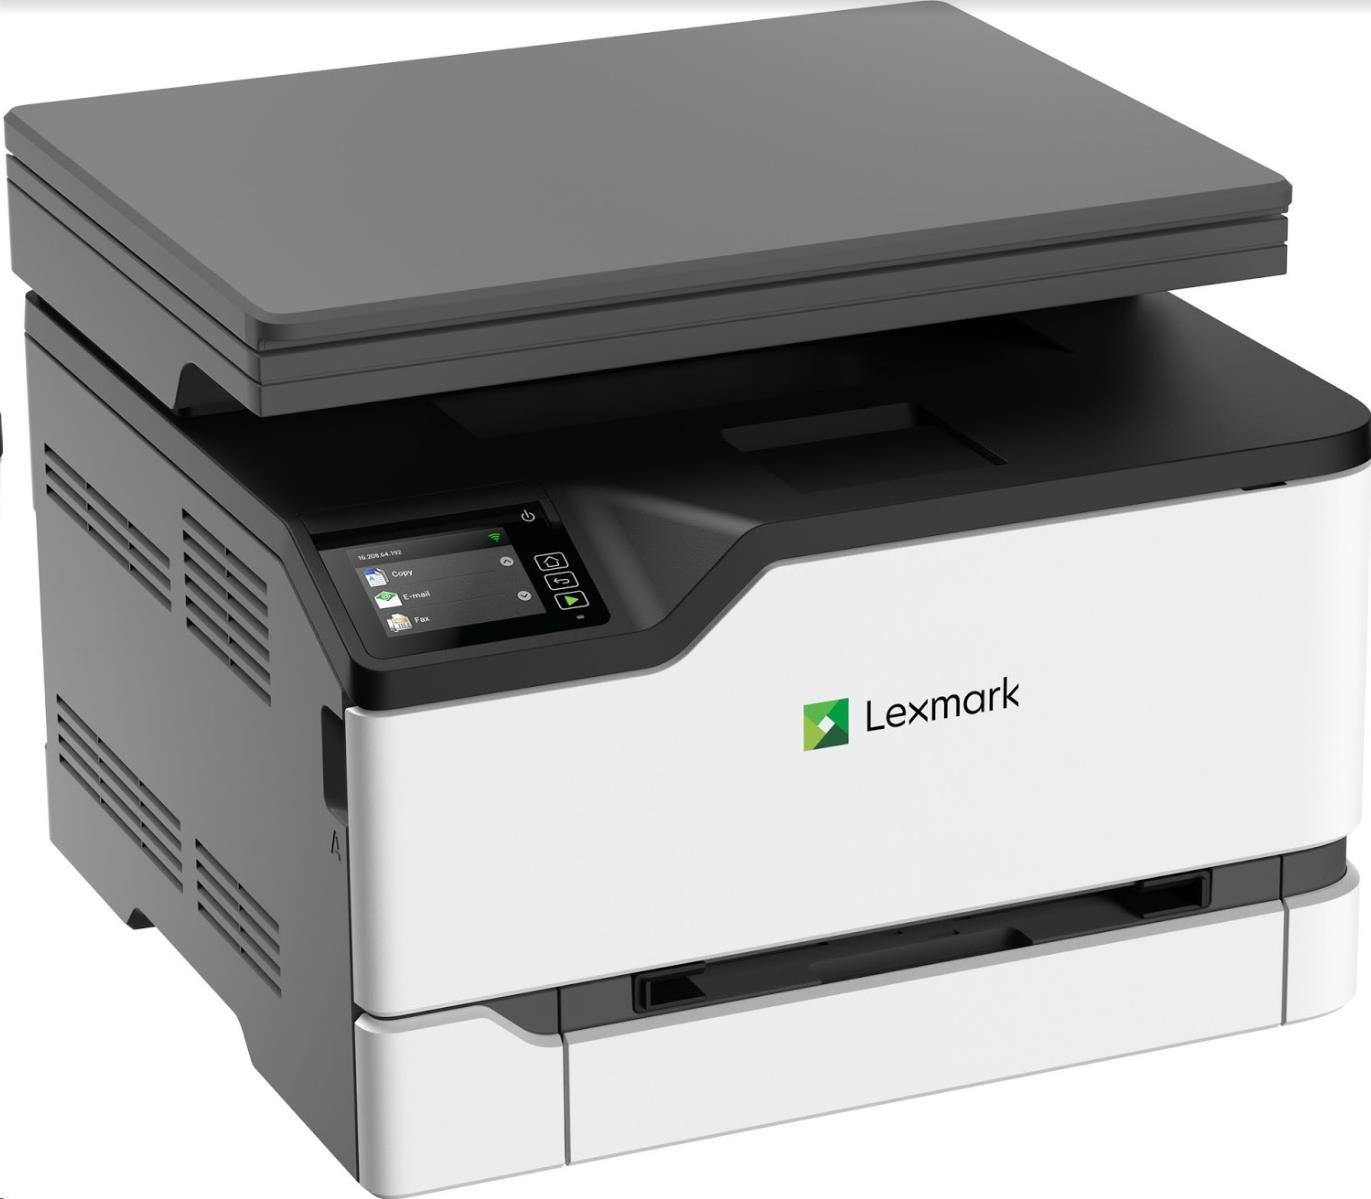 LEXMARK Multifunkční barevná tiskárna MC3224dwe 4letá záruka!